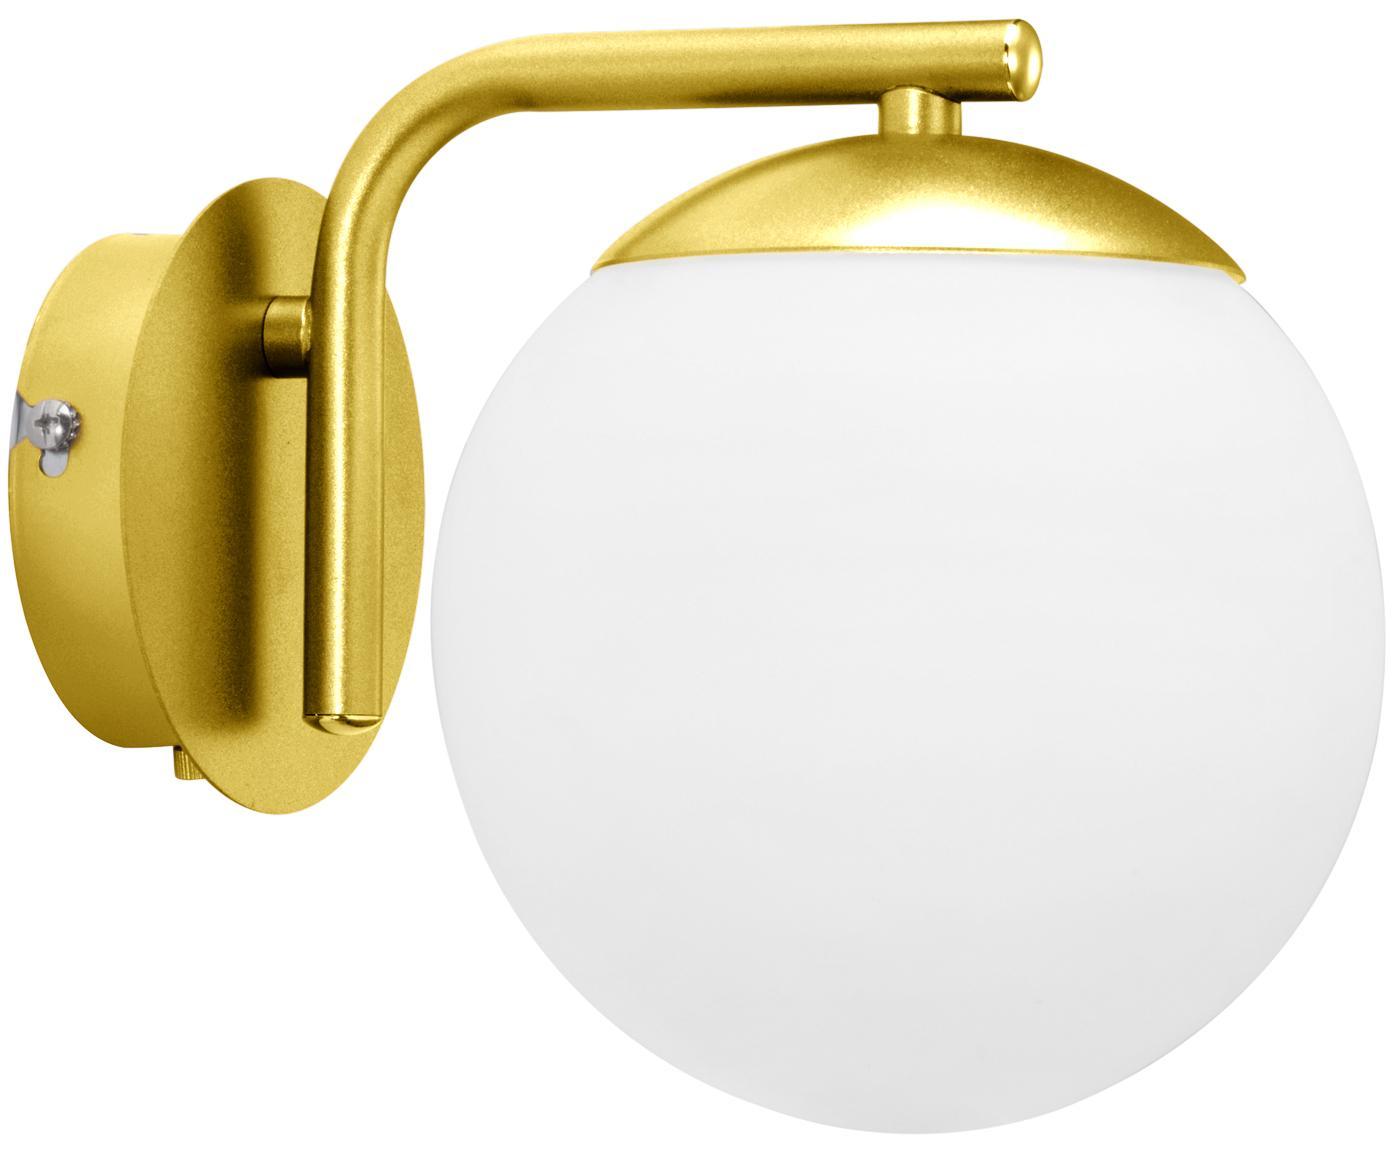 Wandleuchte Grant mit Stecker, Lampenschirm: Opalglas, Messing, Weiss, 15 x 18 cm